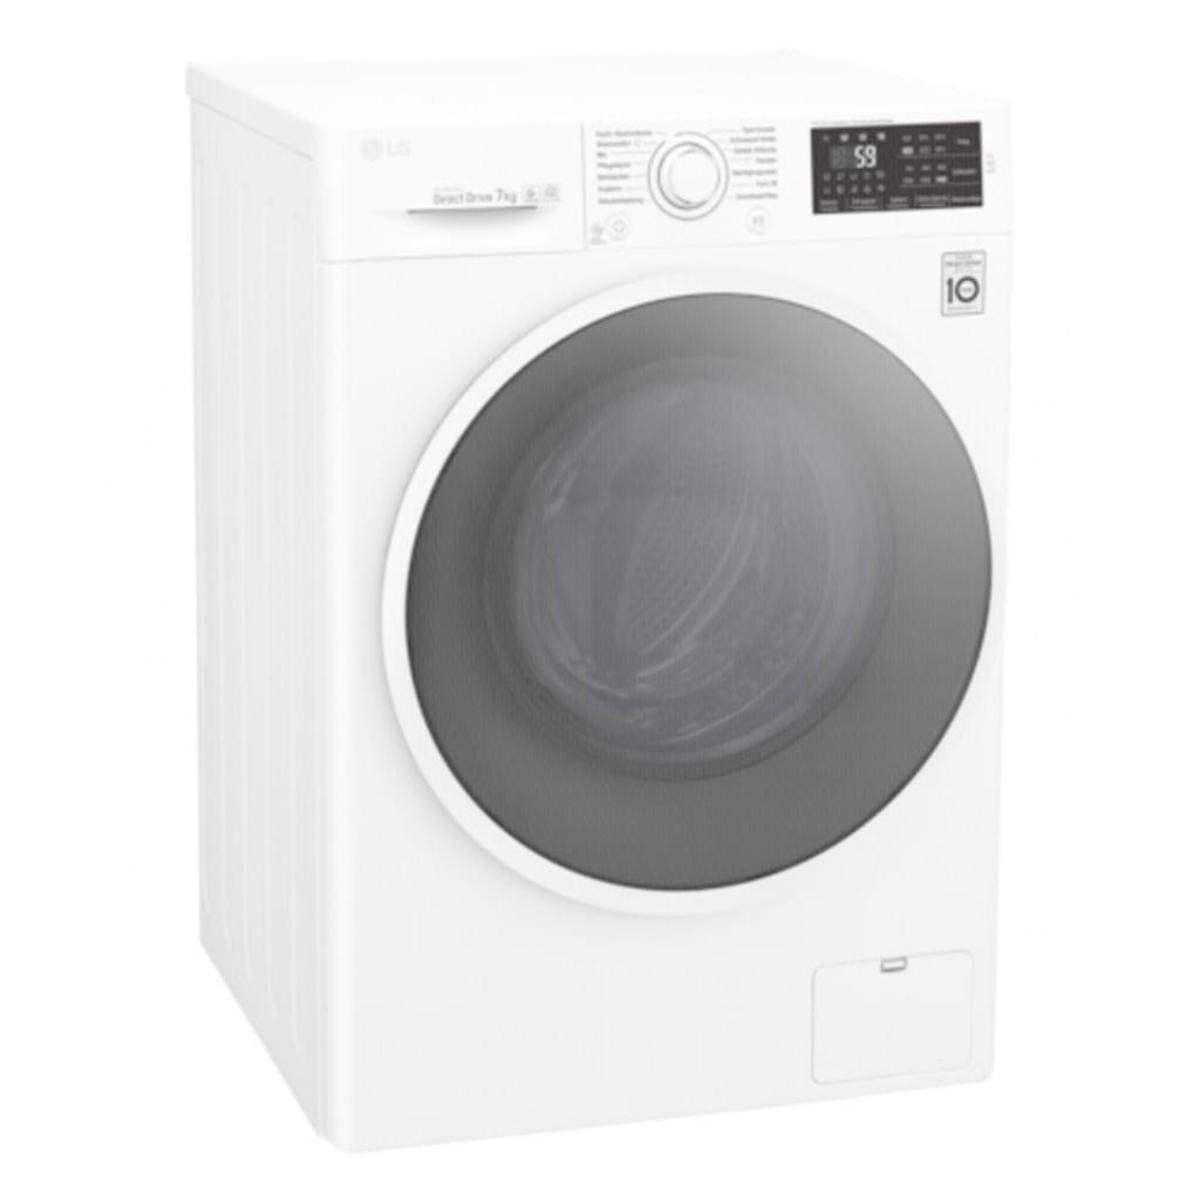 Bild 3 von Lg Waschmaschine Titan  A+++ -30% F 14 Wm7 En0